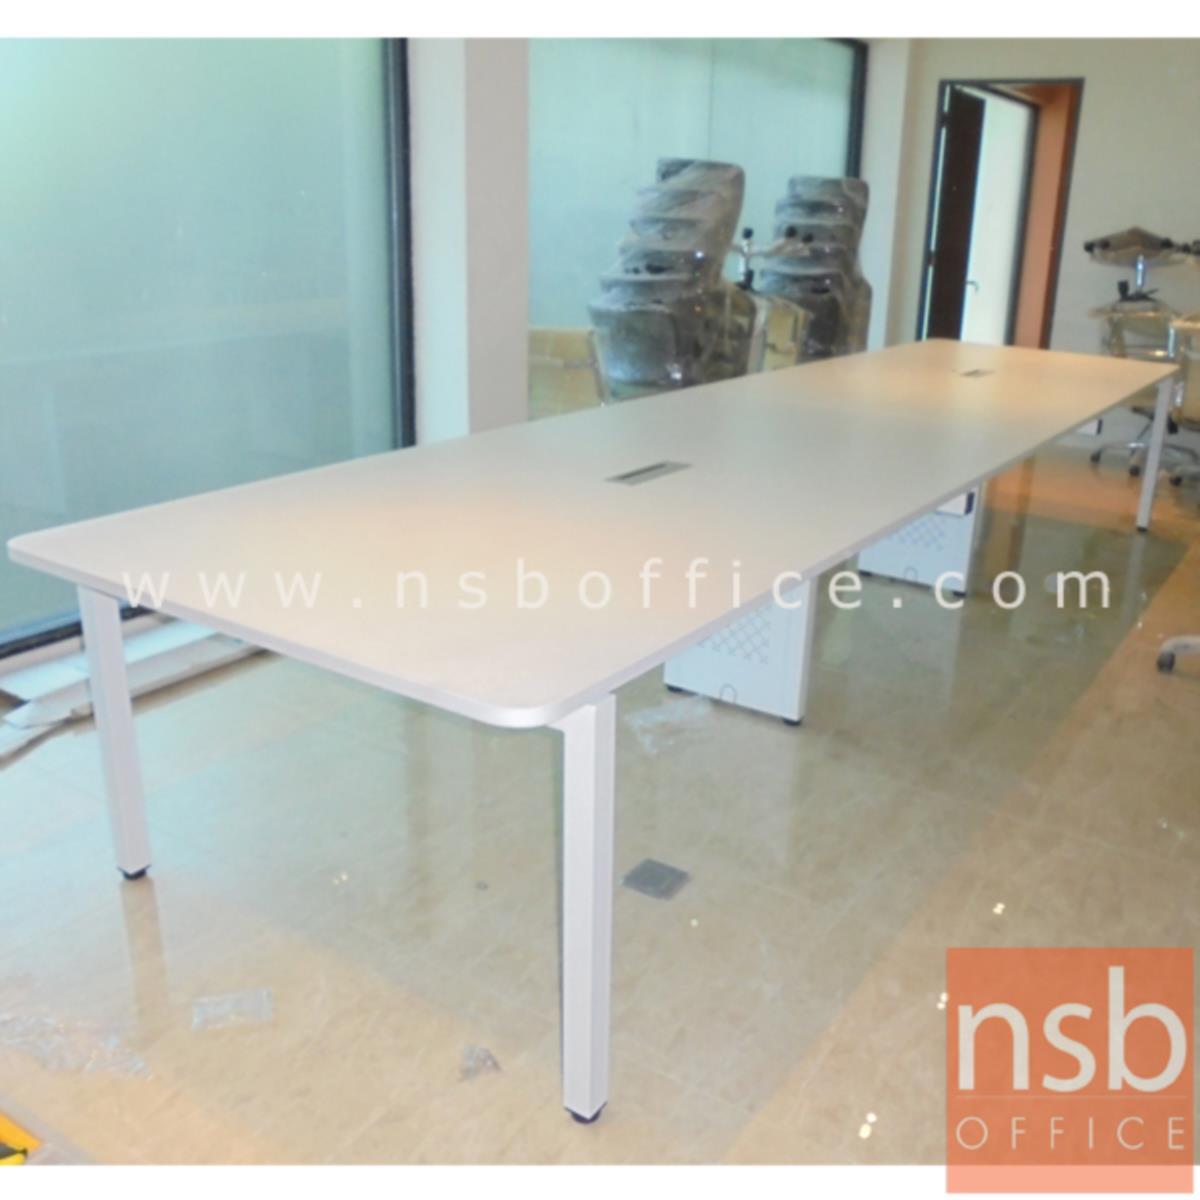 โต๊ะประชุมทรงสี่เหลี่ยม 150D cm. รุ่น CONNEXX-051 ขนาด 280W ,320W ,440W ,520W ,620W cm.  ขากลางมีกล่องร้อยสาย